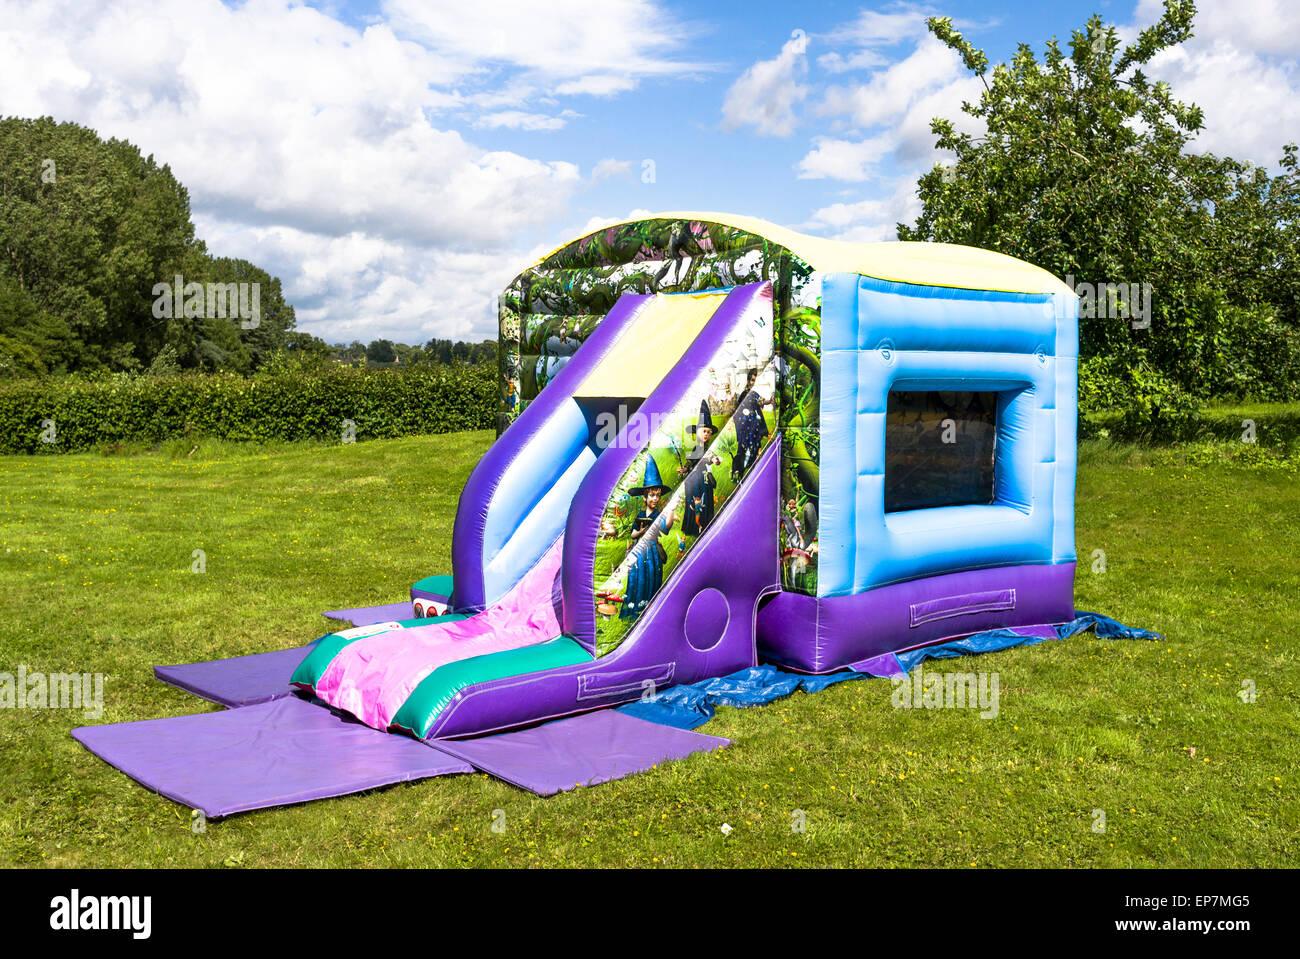 Aufgeblasenen Hüpfburg bereit für ein Outdoor-Kinder-party Stockbild